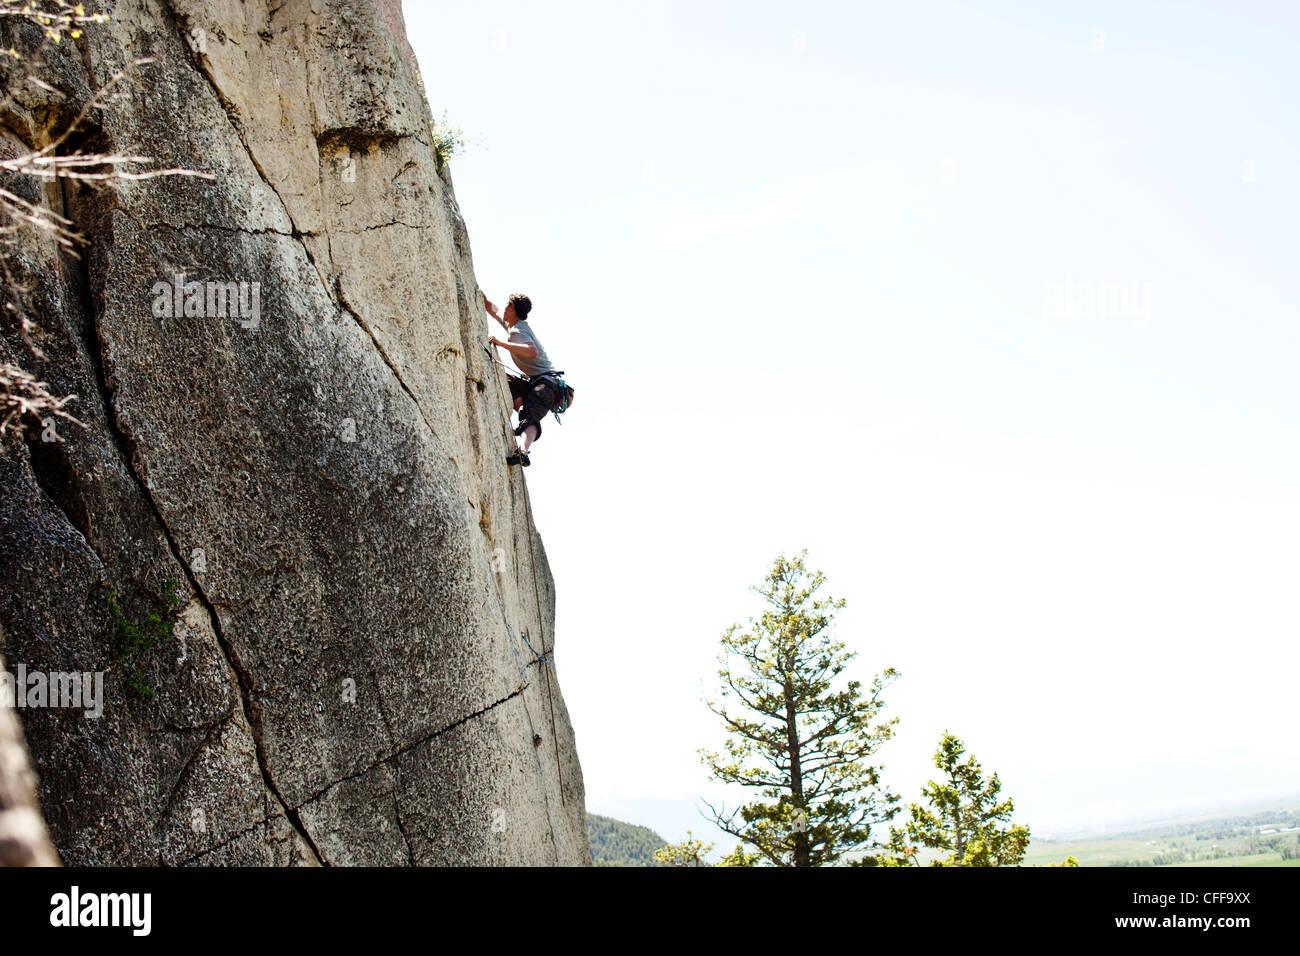 Un hombre atlética escalada alto sobre el suelo en Montana. Imagen De Stock